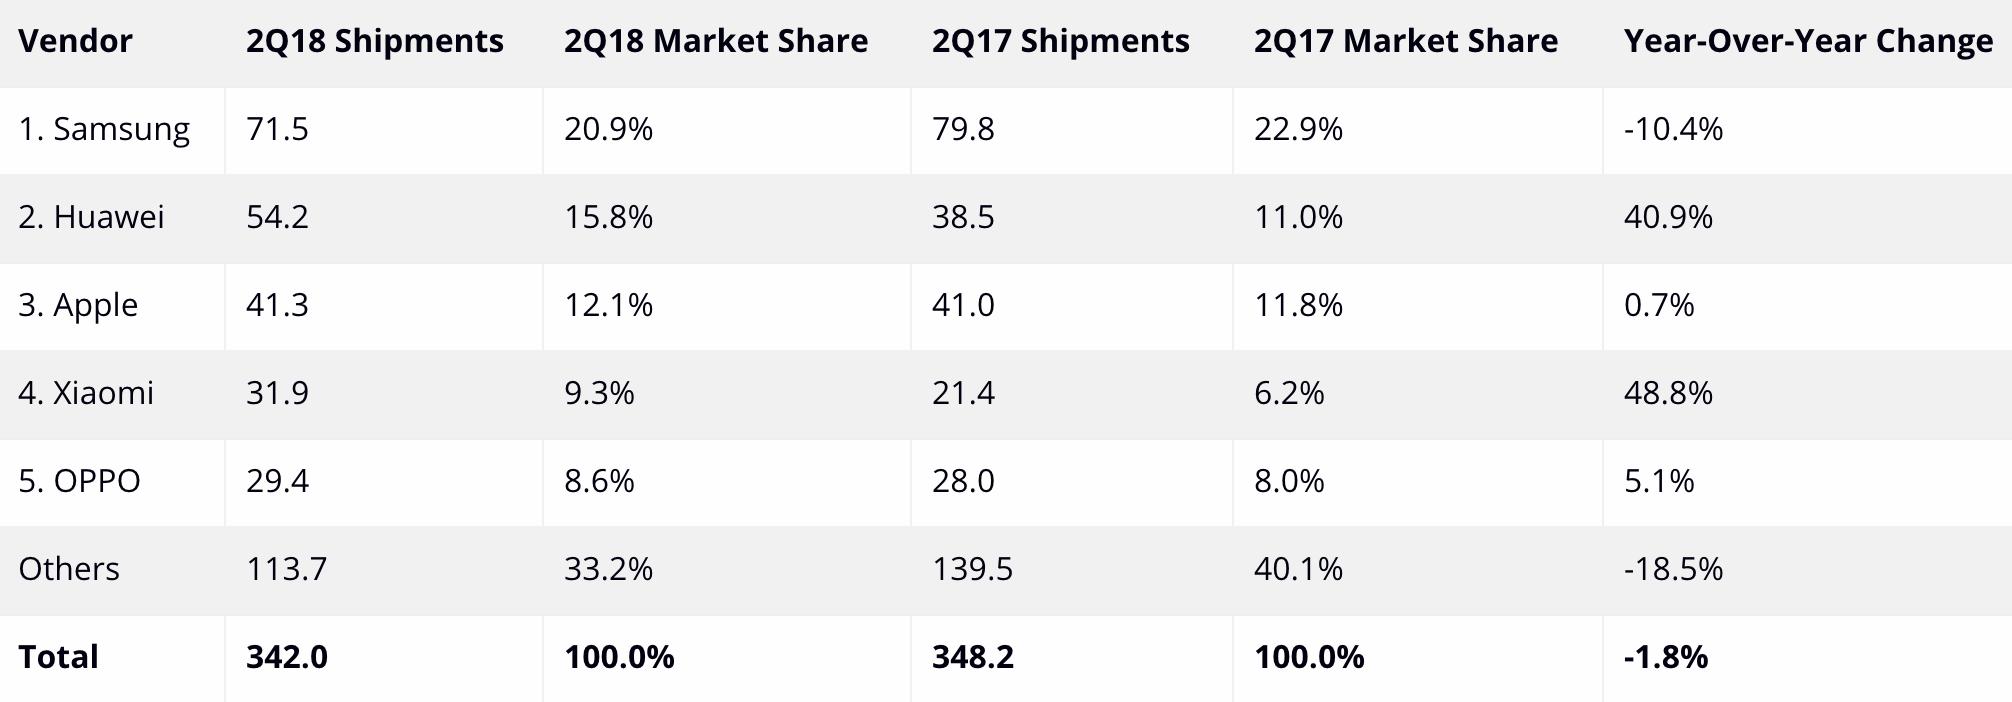 Parts de marché du téléphone en 2017 et 2018. Les quantités vendues (shipments) se chiffrent en millions